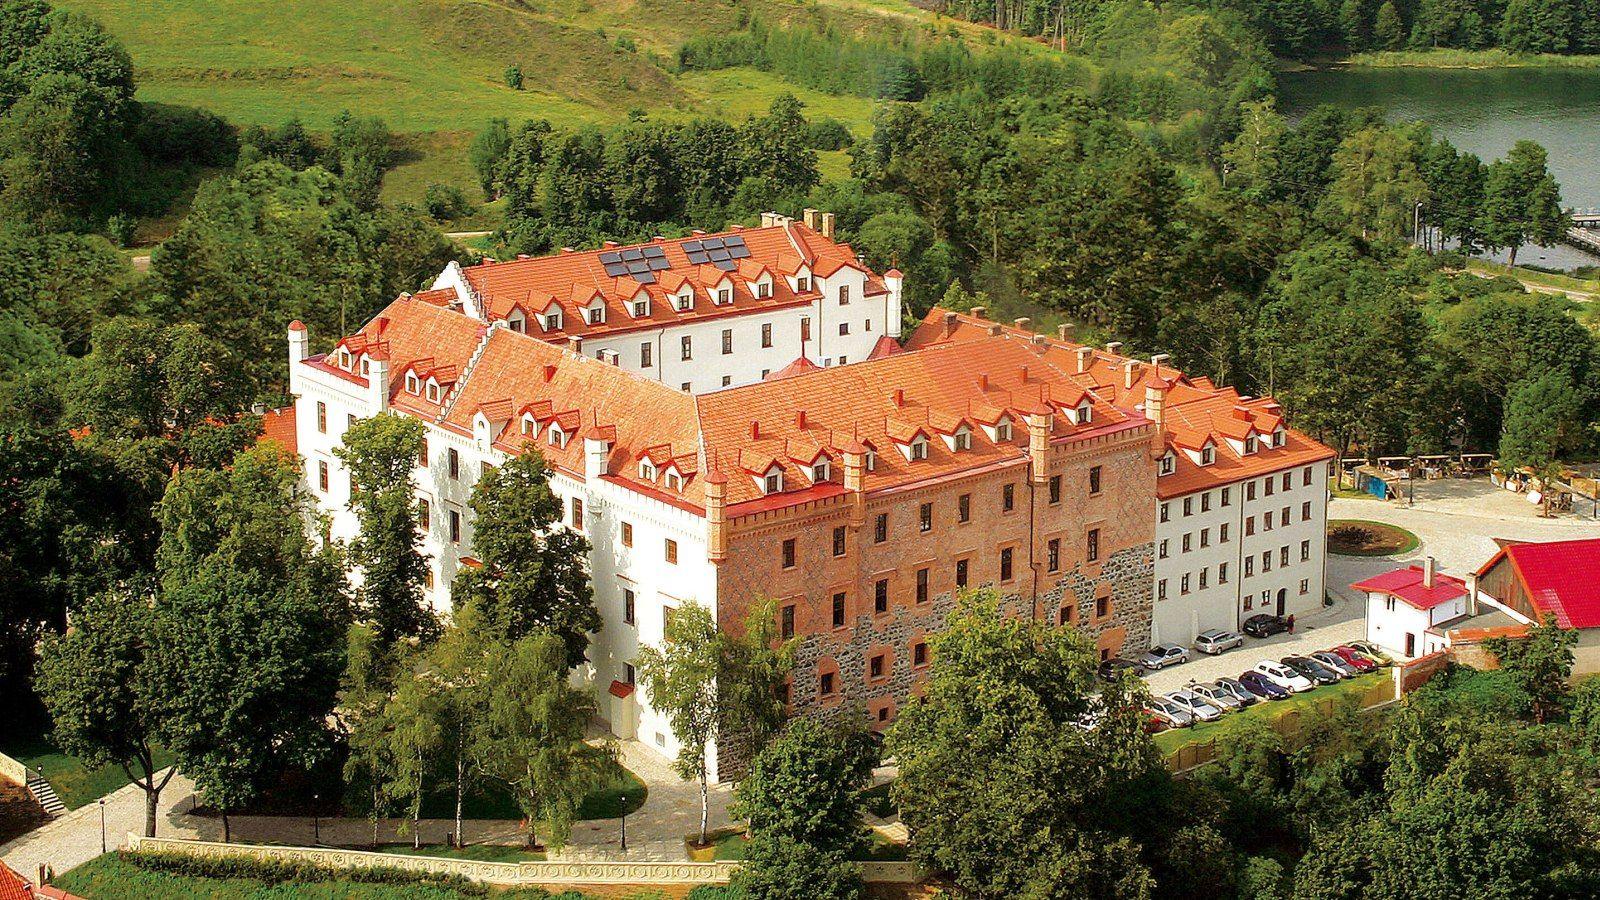 Zamek w Rynie z lotu ptaka